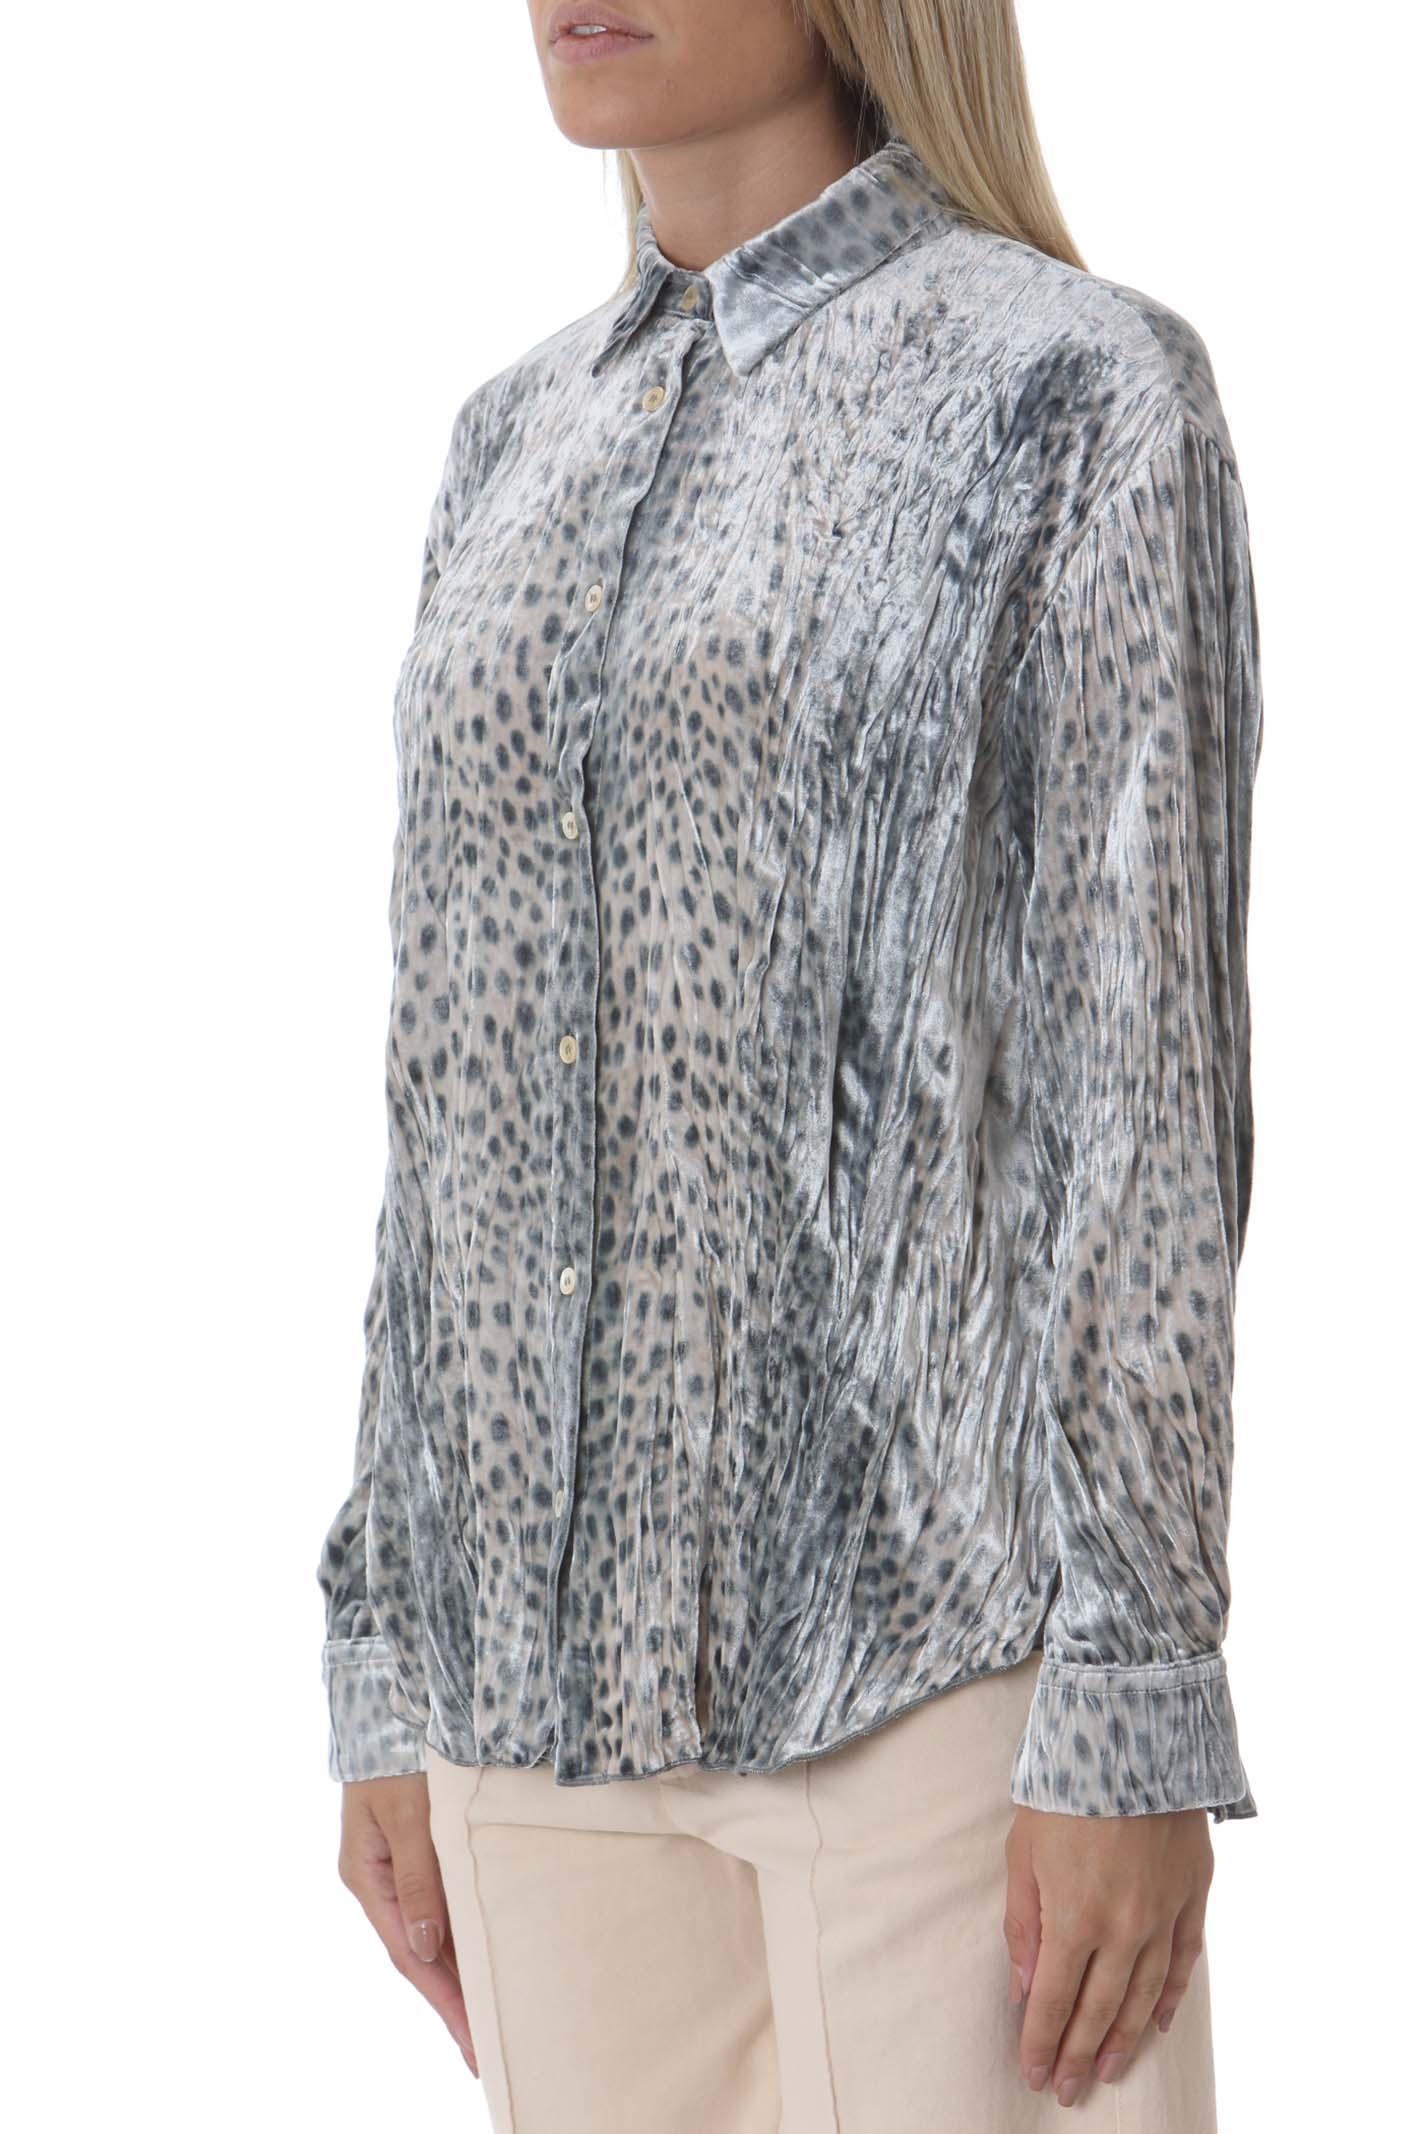 Camicia donna FORTE FORTE | Camicie | A21-8484MYSHIRT103